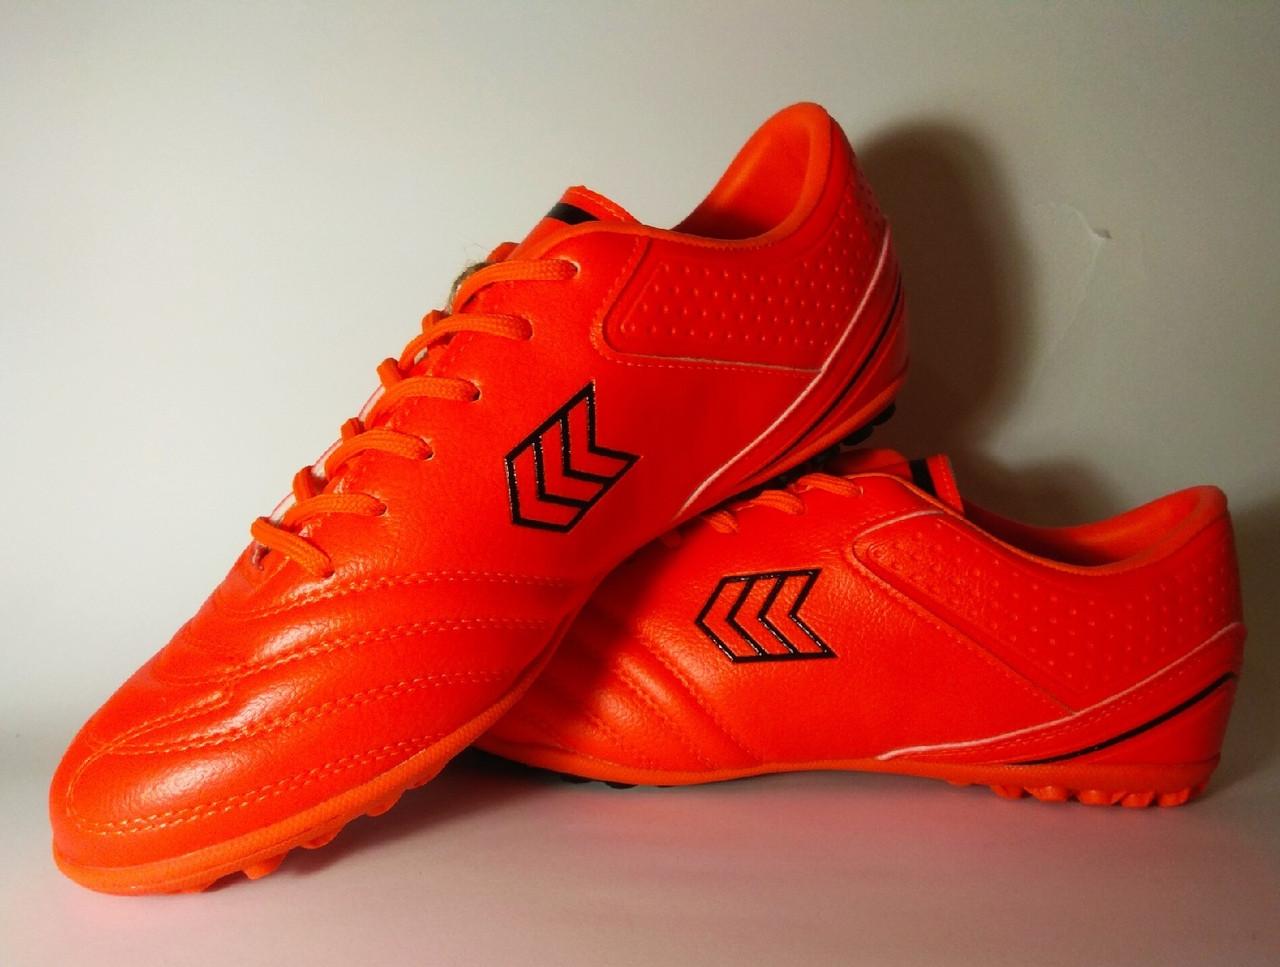 Футбольні стоноги Restime 41-46 розміри, футбольна взуття, кросівки для футболу, бампы,футзалки, зручні